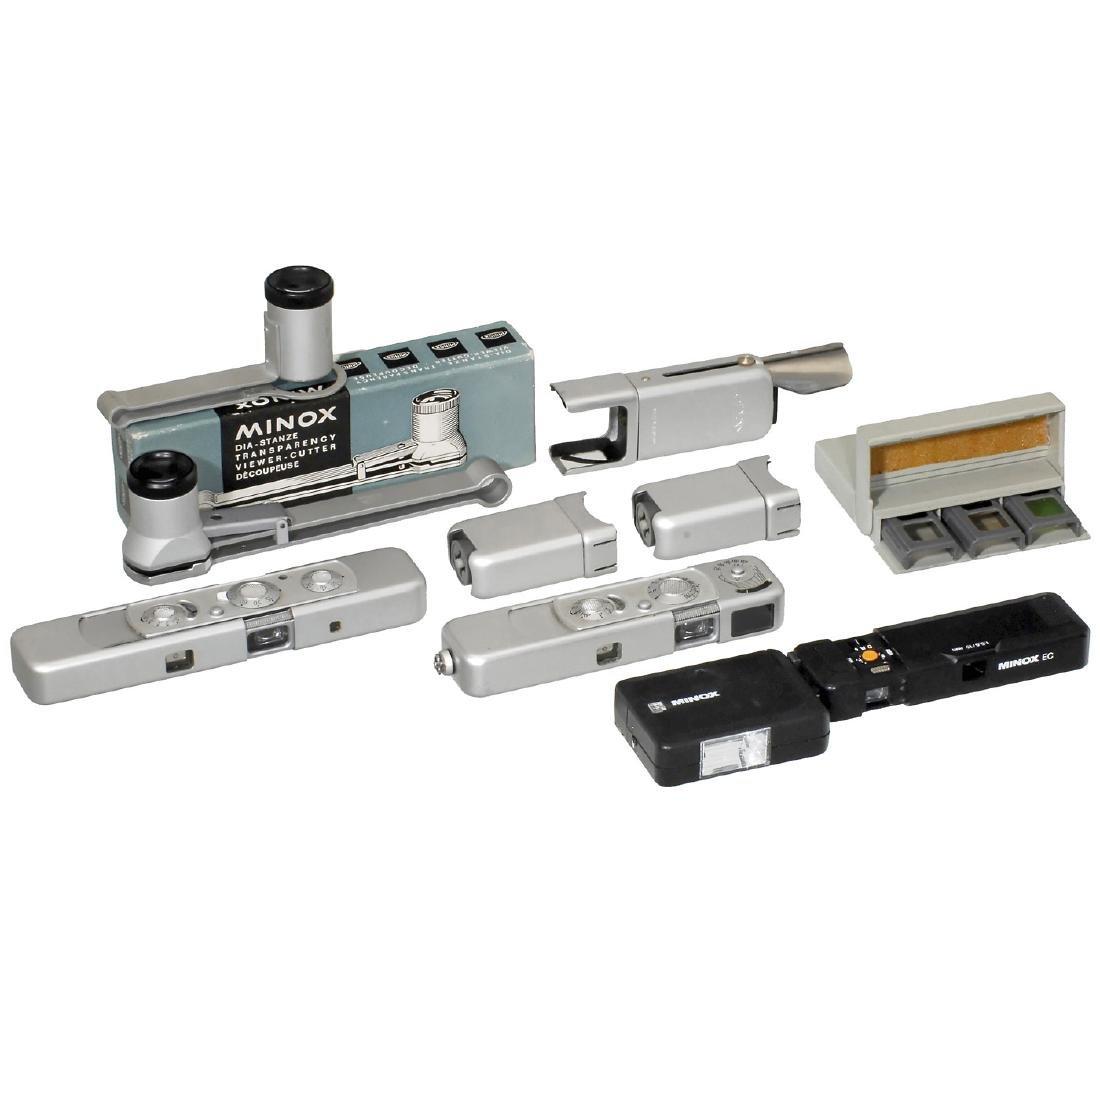 Minox B, Minox C, EC and Accessories